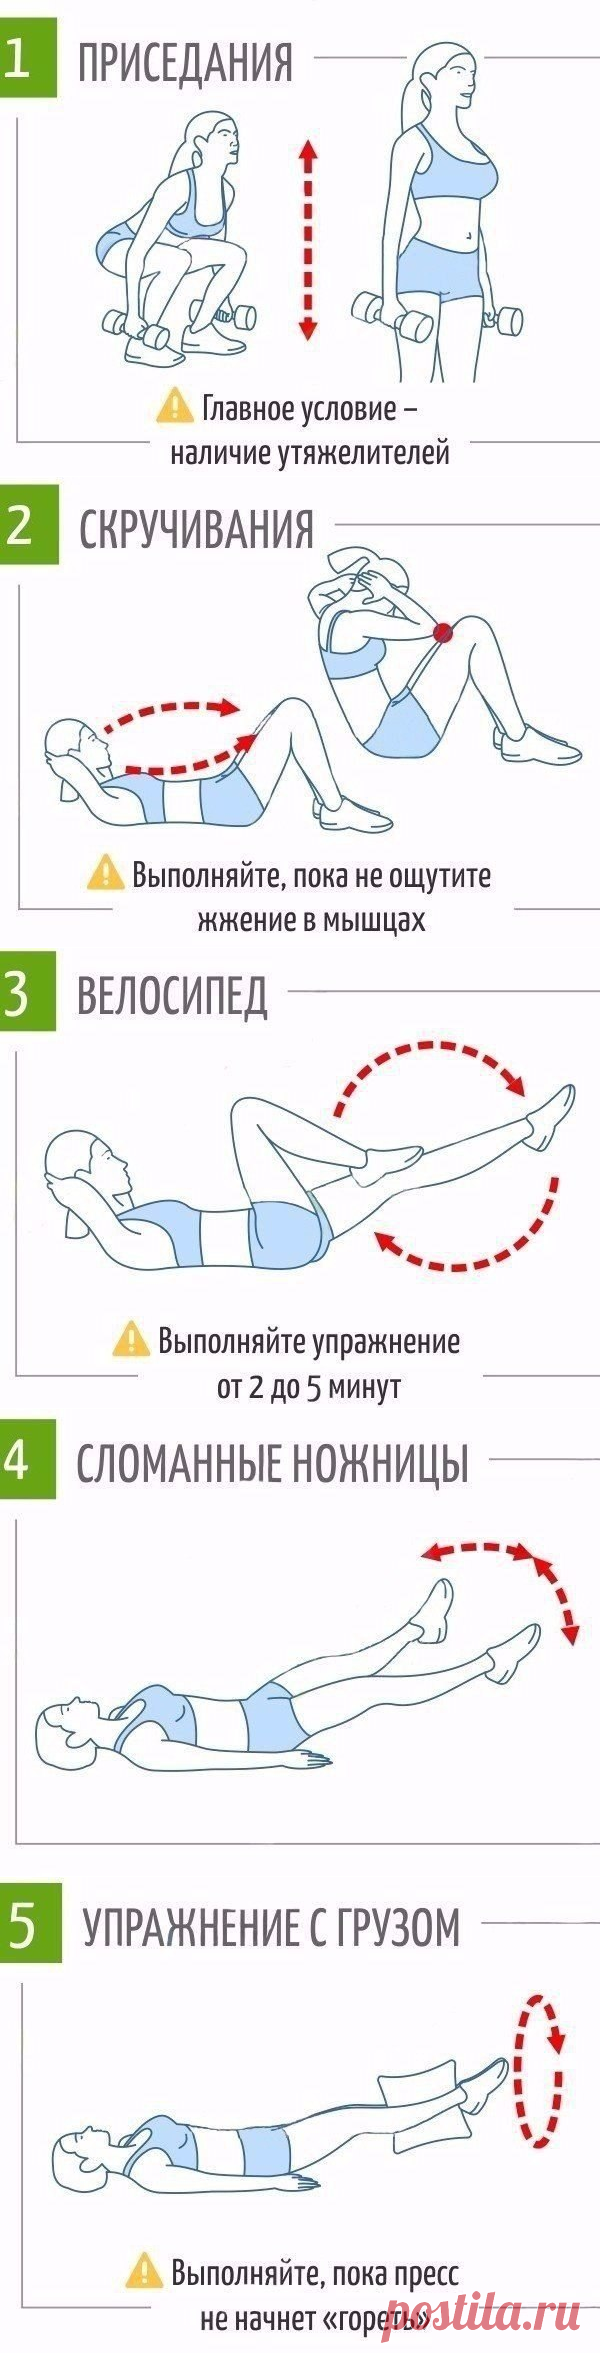 Физические упражнения для похудения в домашних условиях узнайте.